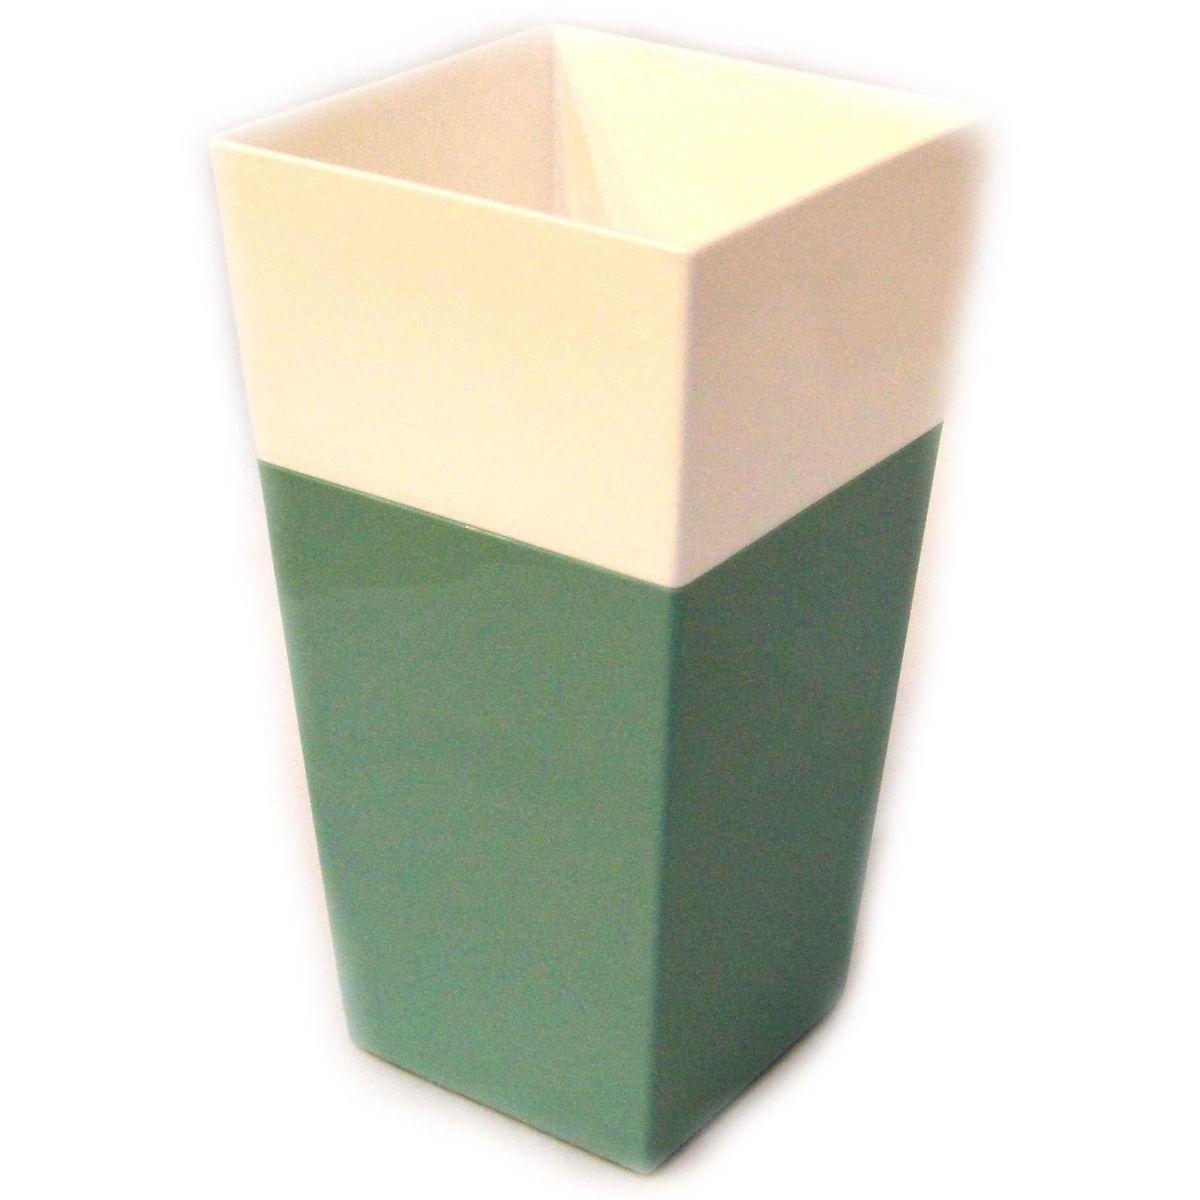 Кашпо JetPlast Дуэт, цвет: нефрит, белый, высота 34 см4612754052639Кашпо имеет строгий дизайн и состоит из двух частей: верхней части для цветка и нижней – поддона. Конструкция горшка позволяет, при желании, использовать систему фитильного полива, снабдив горшок веревкой. Оно изготовлено из прочного полипропилена (пластика). Размеры кашпо: 18 х 18 х 34 см.